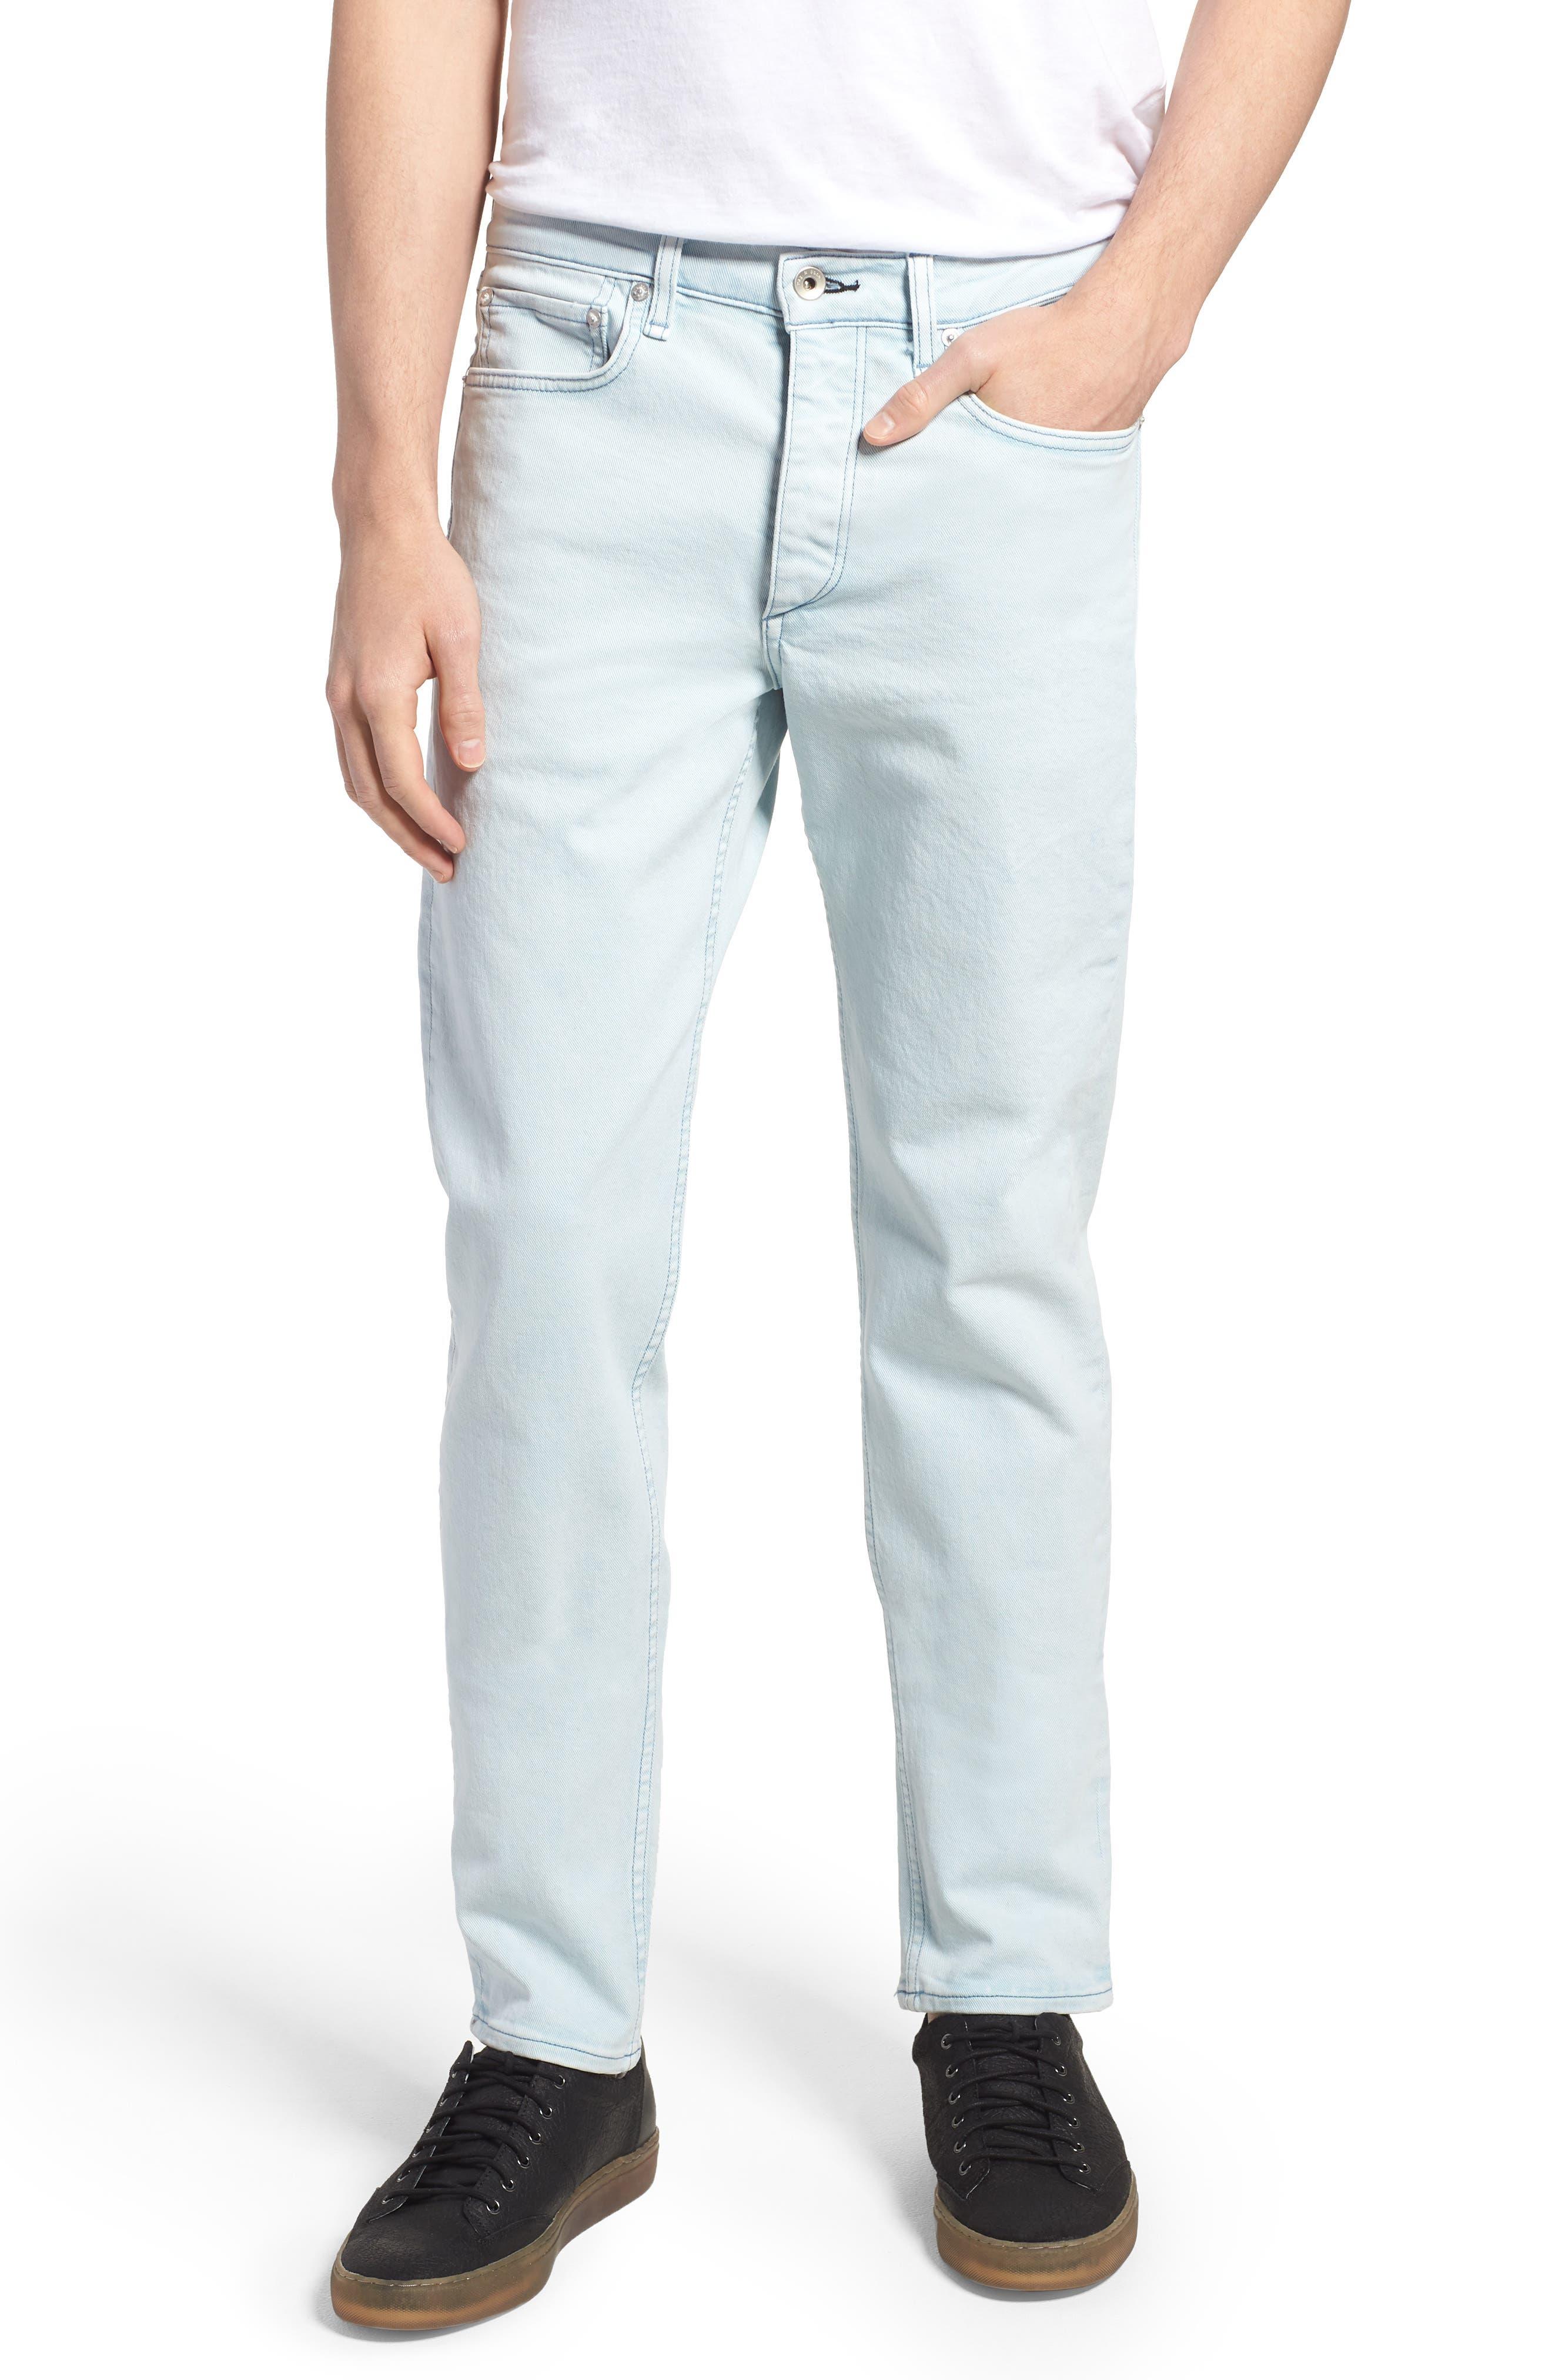 Fit 2 Slim Fit Jeans,                             Main thumbnail 1, color,                             Light Blue Pigment